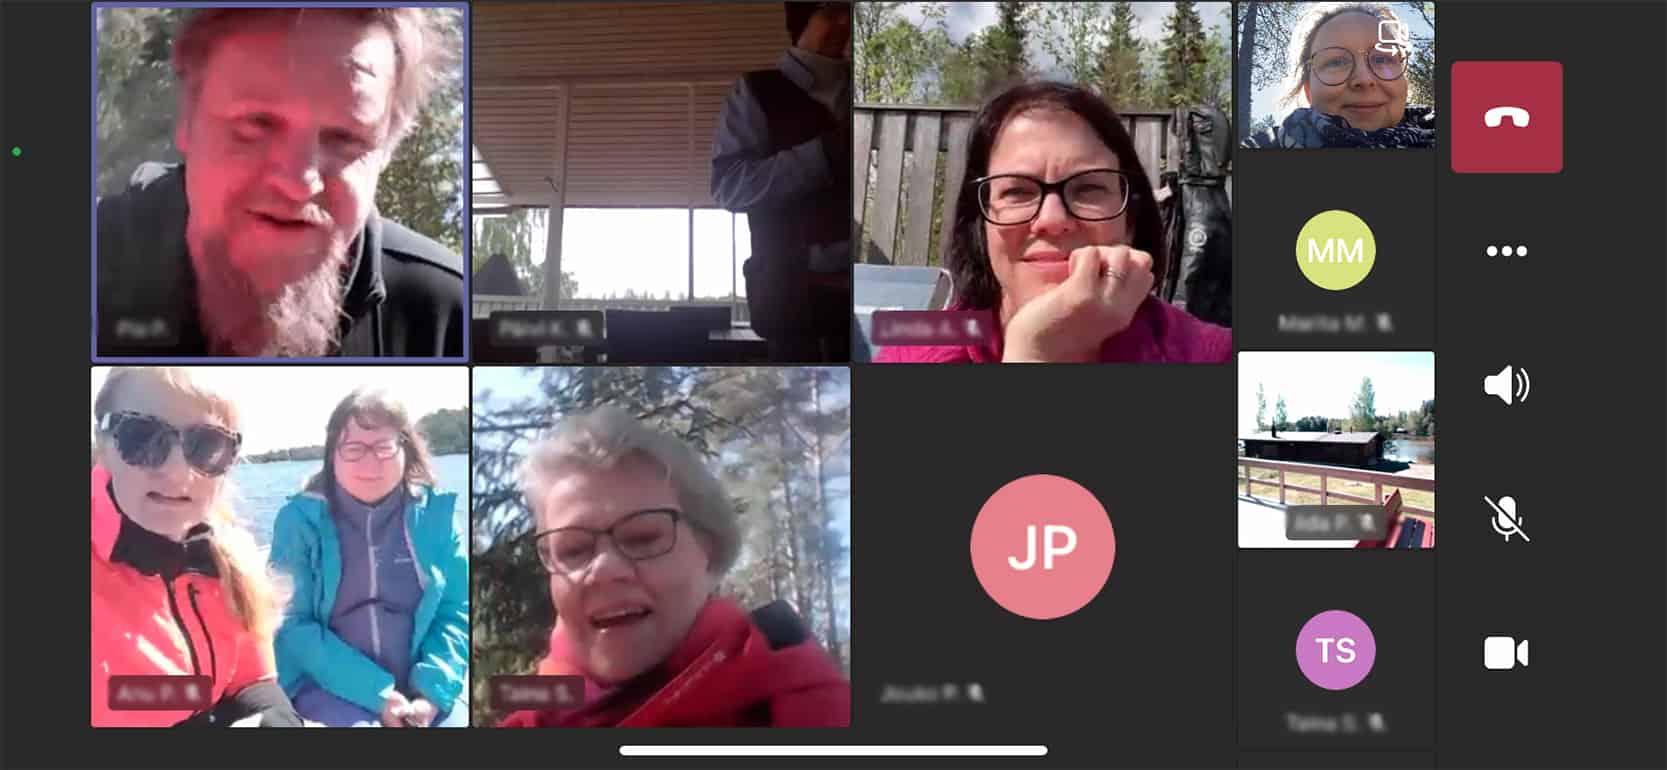 Näyttökuva Teams-kokouksesta, jossa näkyy monet kasvot.